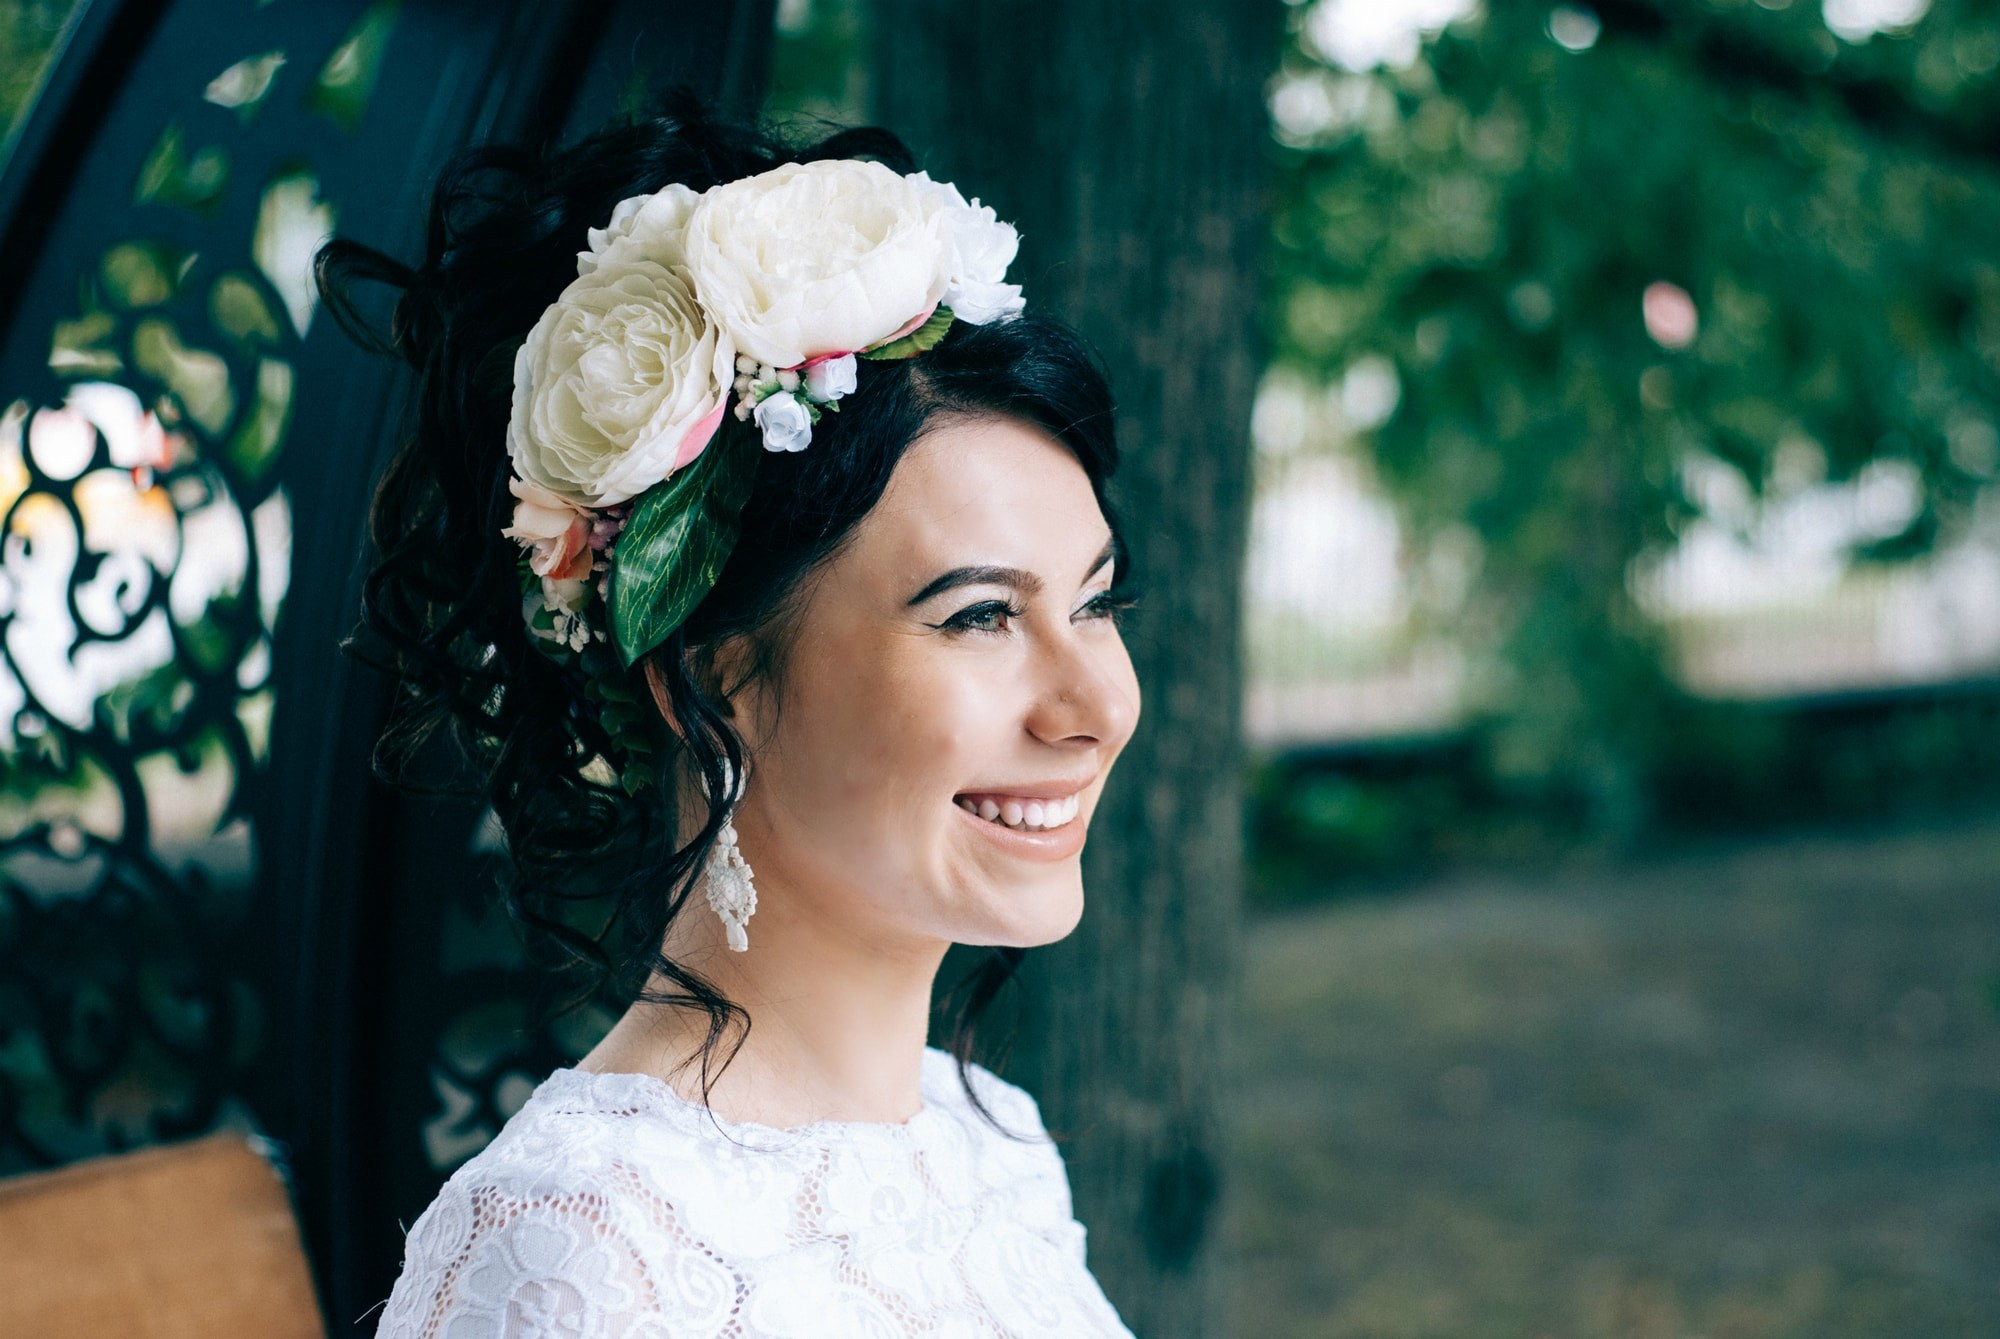 Невеста смеется - Фотограф Киев - Женя Лайт